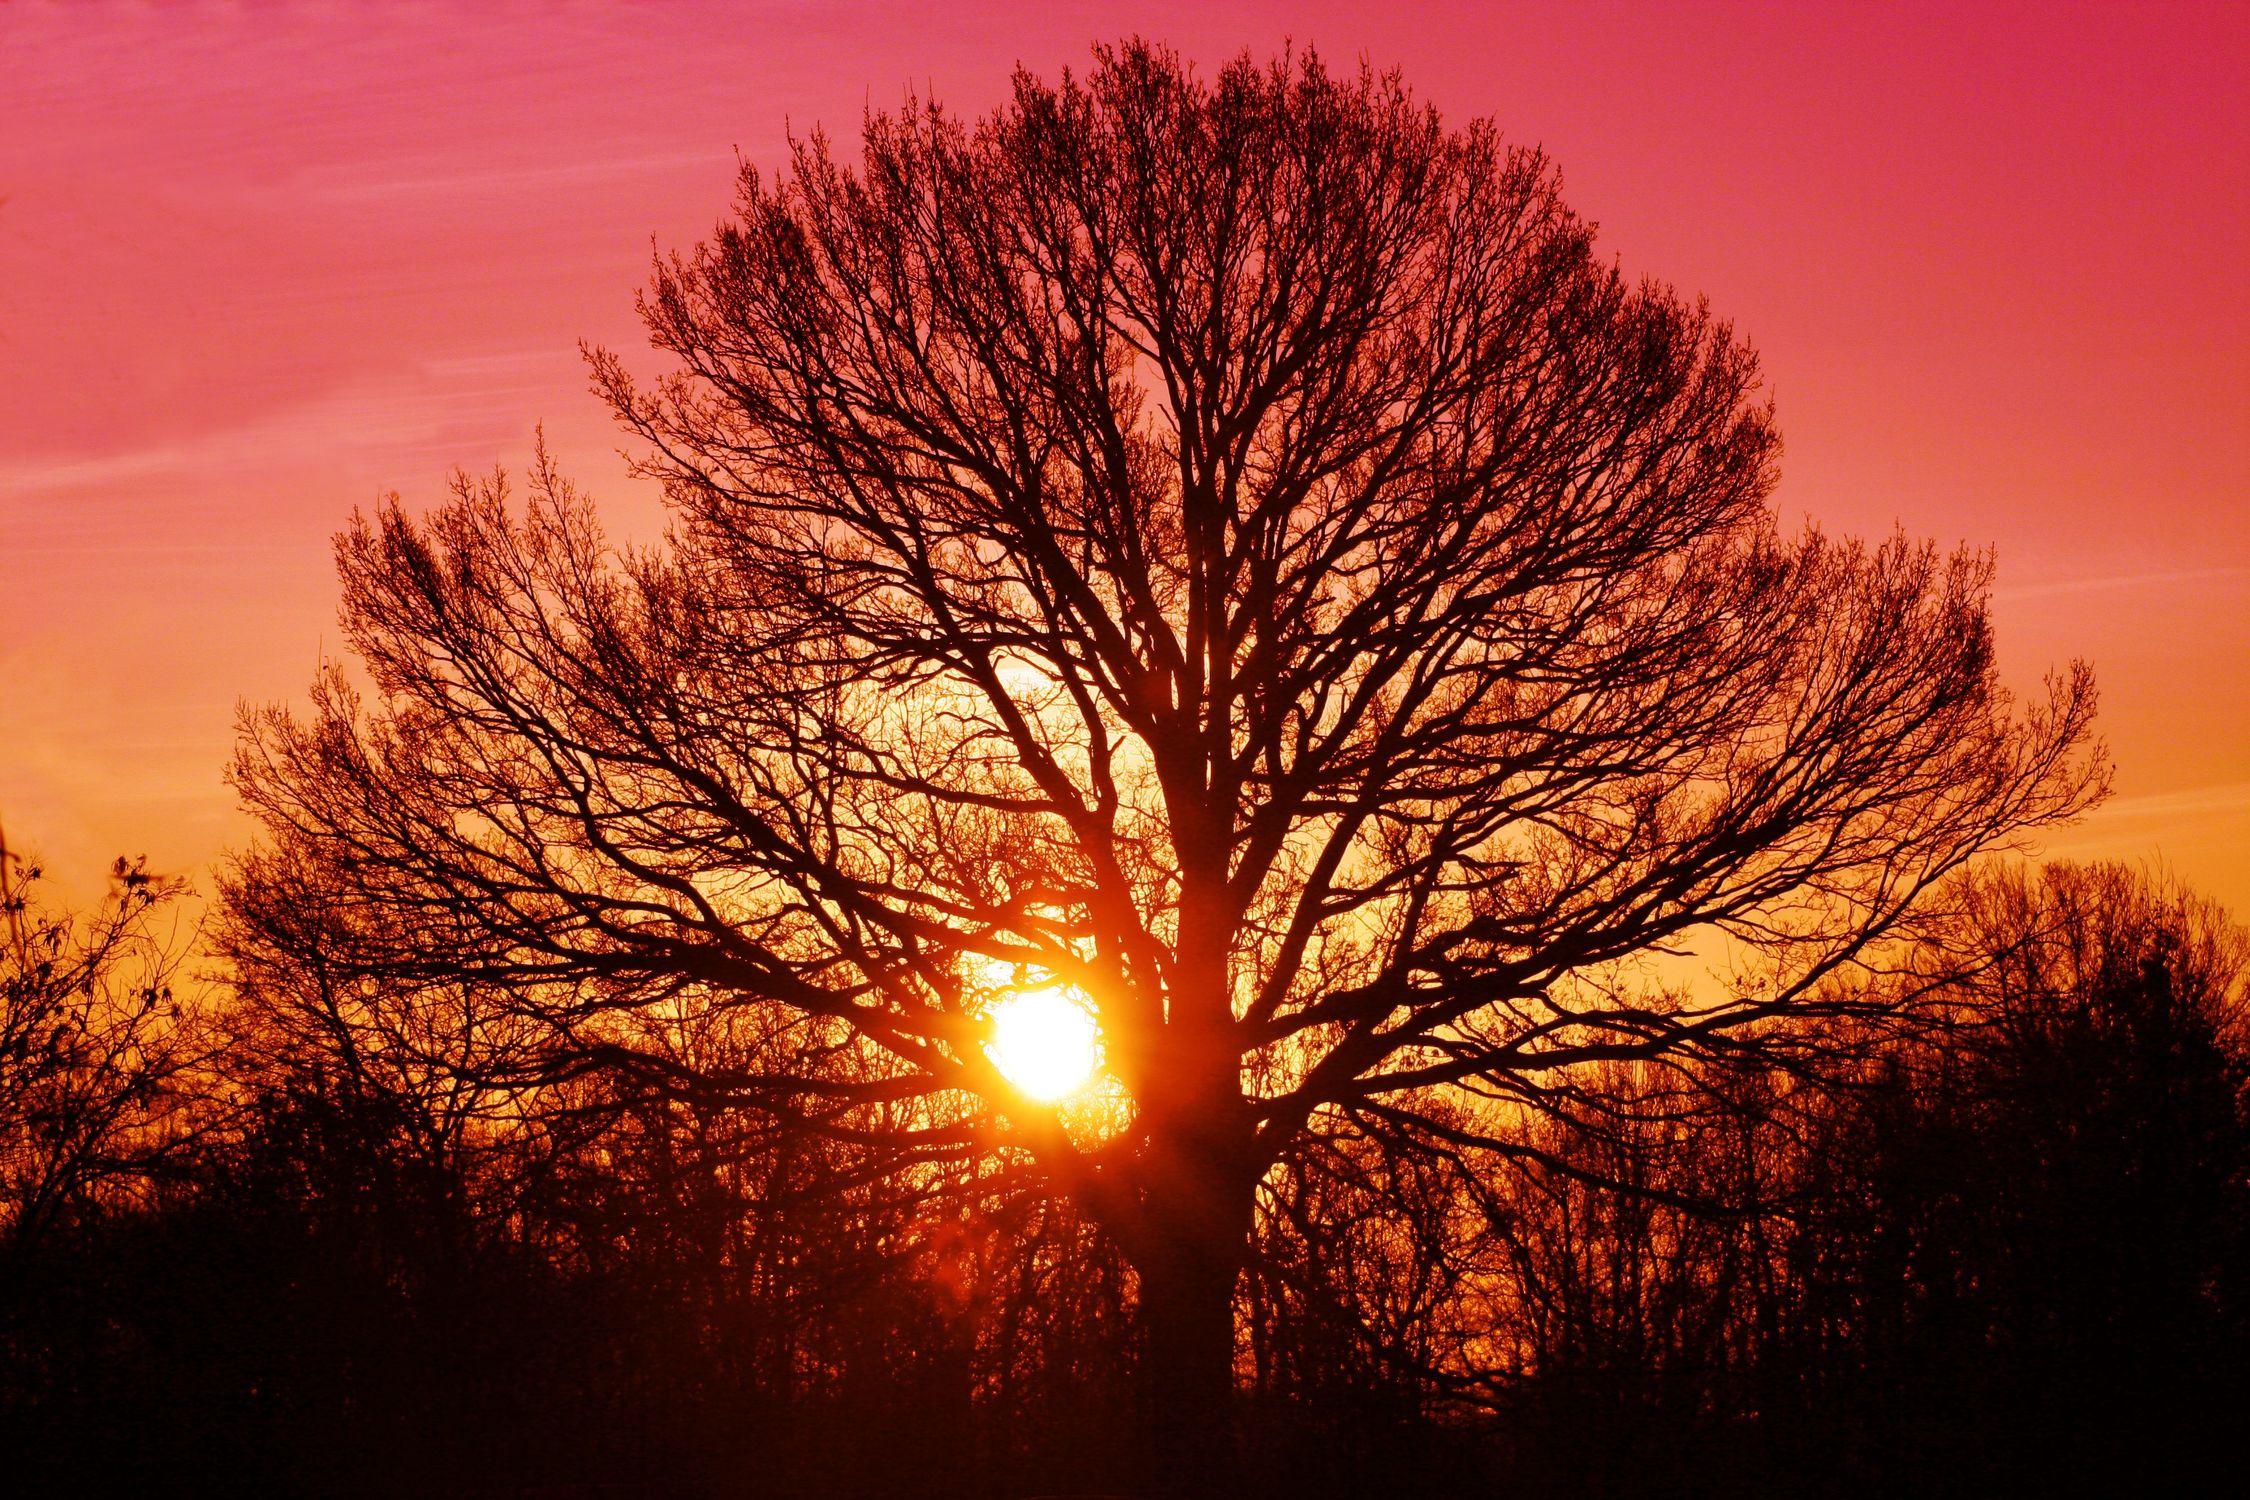 Bild mit Farben, Orange, Natur, Pflanzen, Landschaften, Himmel, Bäume, Wolken, Rot, Horizont, Sonnenuntergang, Sonnenuntergang, Sonnenaufgang, Abendrot, Morgenrot, Wald, Baum, Baum, Eiche, Tree, Trees, Sonnenschein durch eine Baumkrone